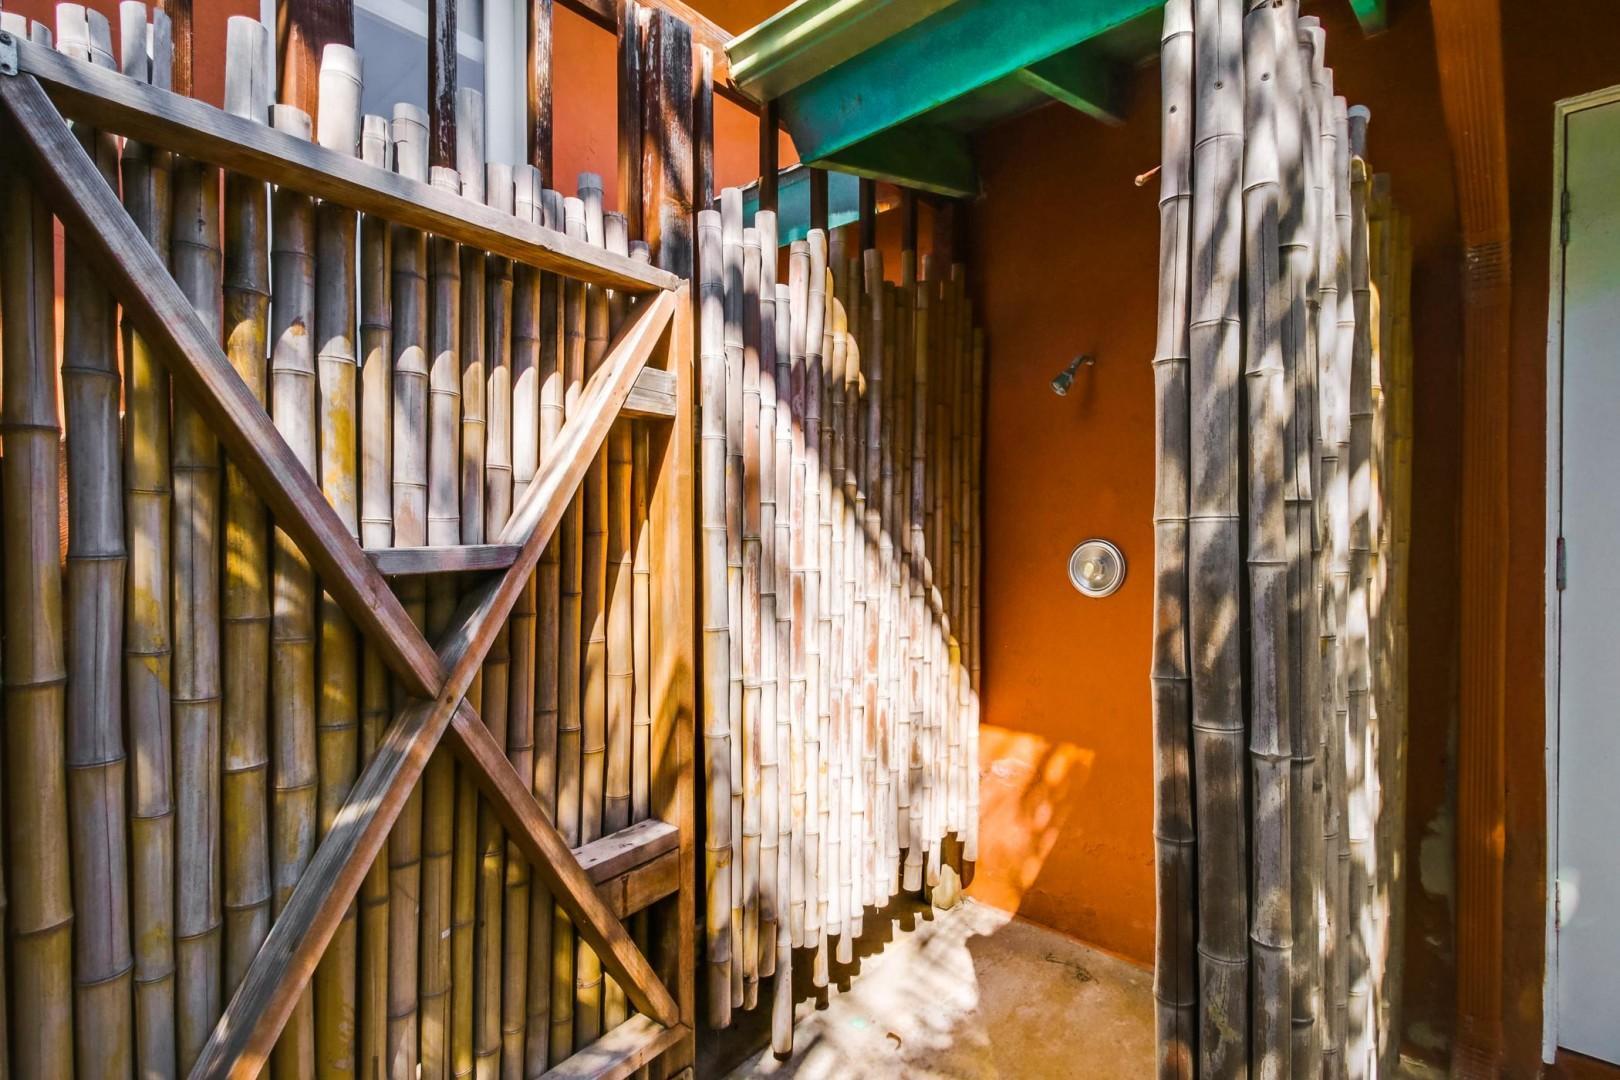 Convenient outdoor shower